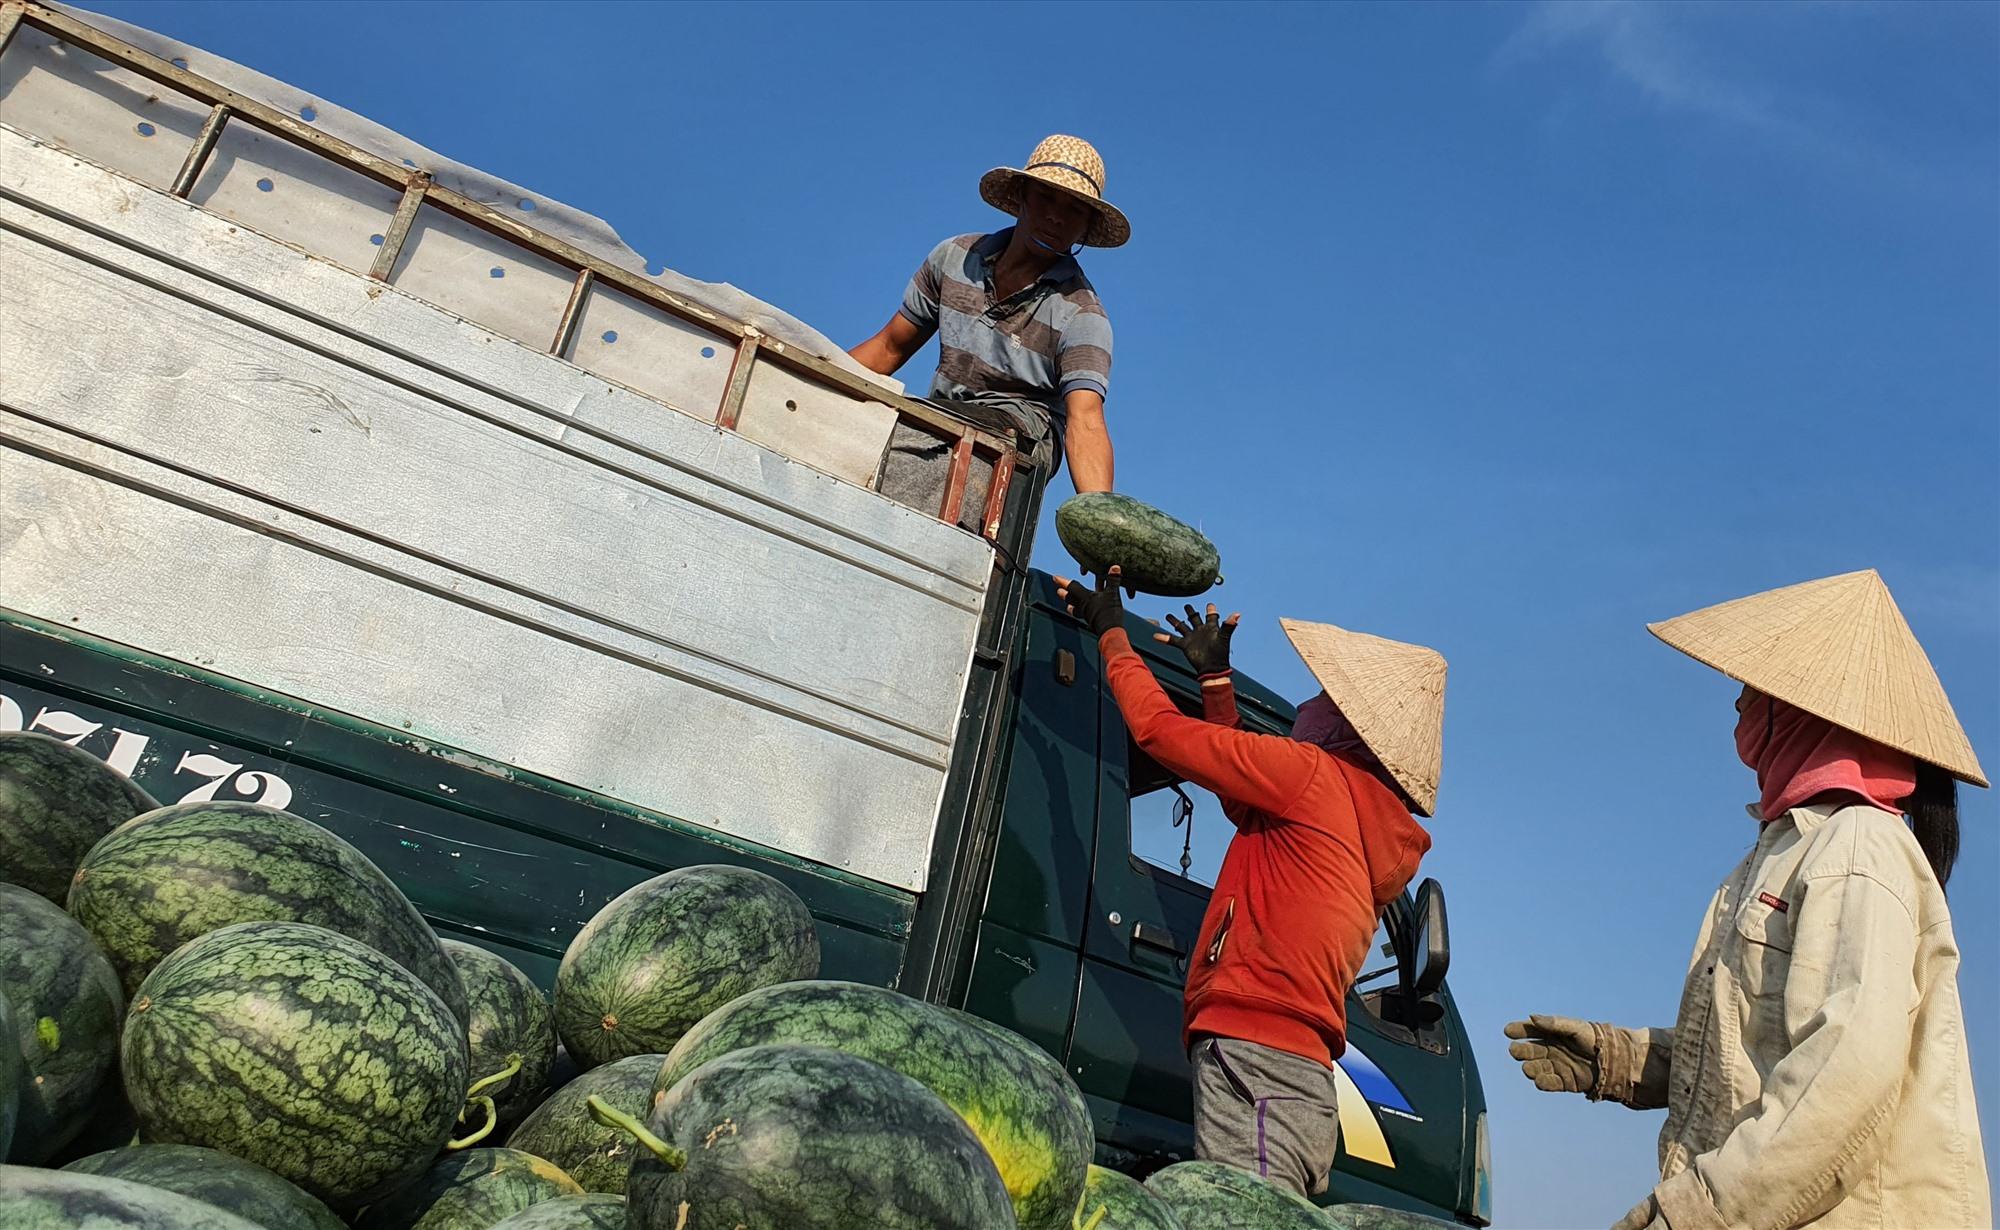 Cần tích cực thu hút doanh nghiệp vào đầu tư để liên kết với nông dân sản xuất nhằm tạo đầu ra ổn định cho nông sản. Ảnh: MAI LINH